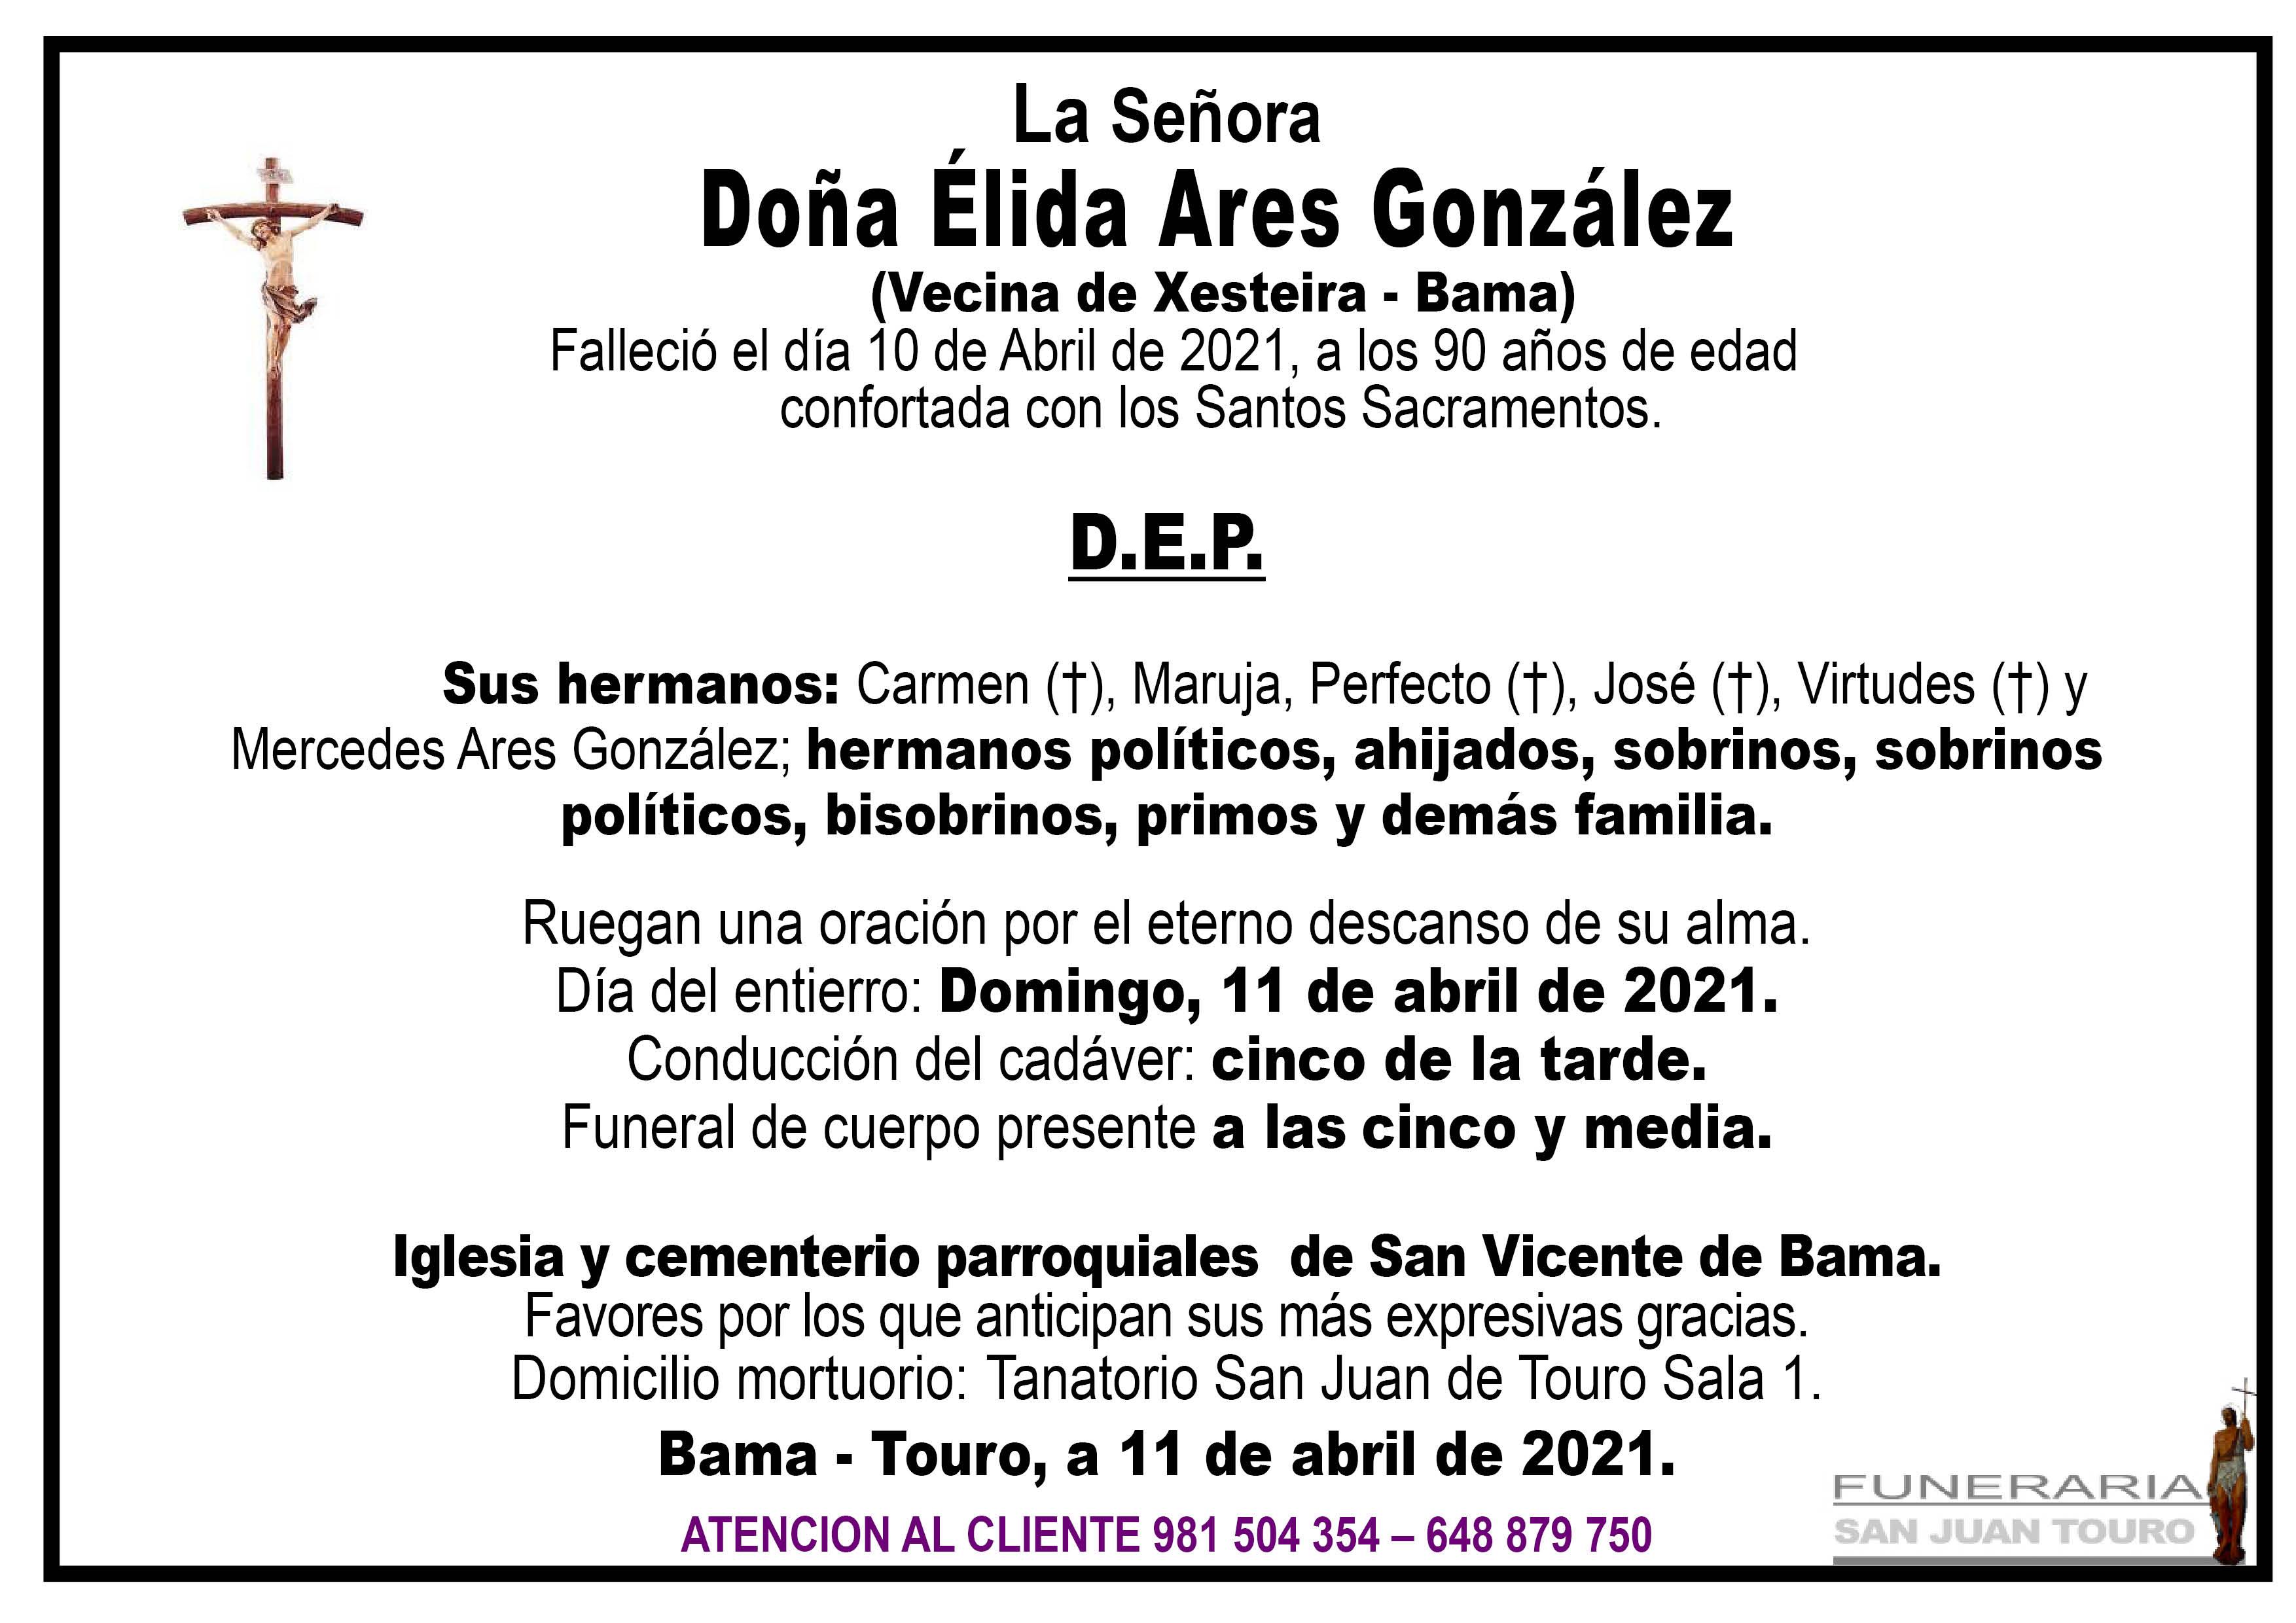 Esquela de SEPELIO DE DOÑA ELIDA ARES GONZÁLEZ